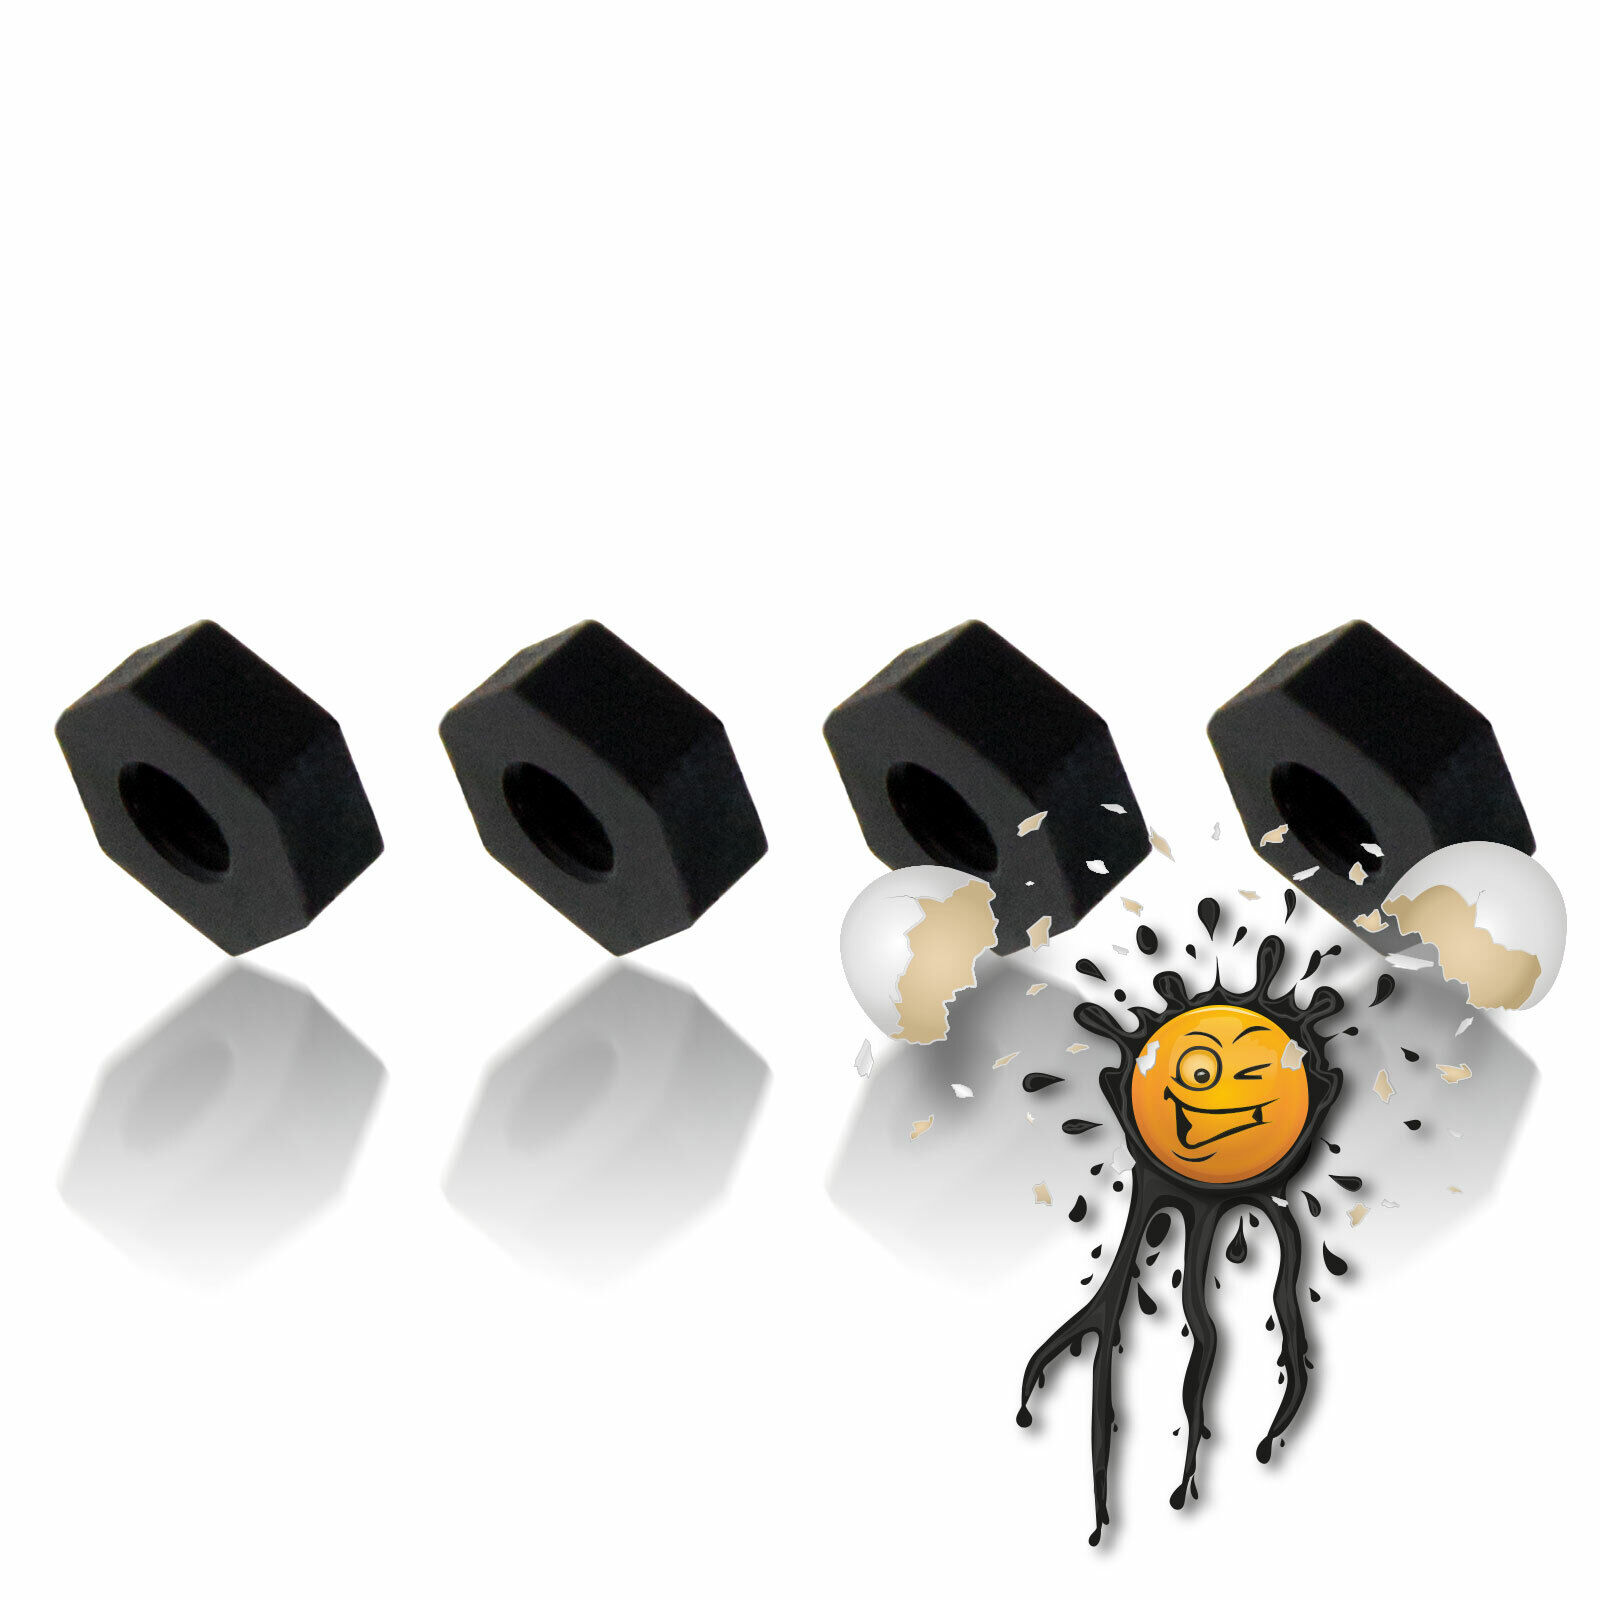 Platinen PCB Board Abstandhalter Distance Schrauben Screw M3 5-30 mm Kunststoff